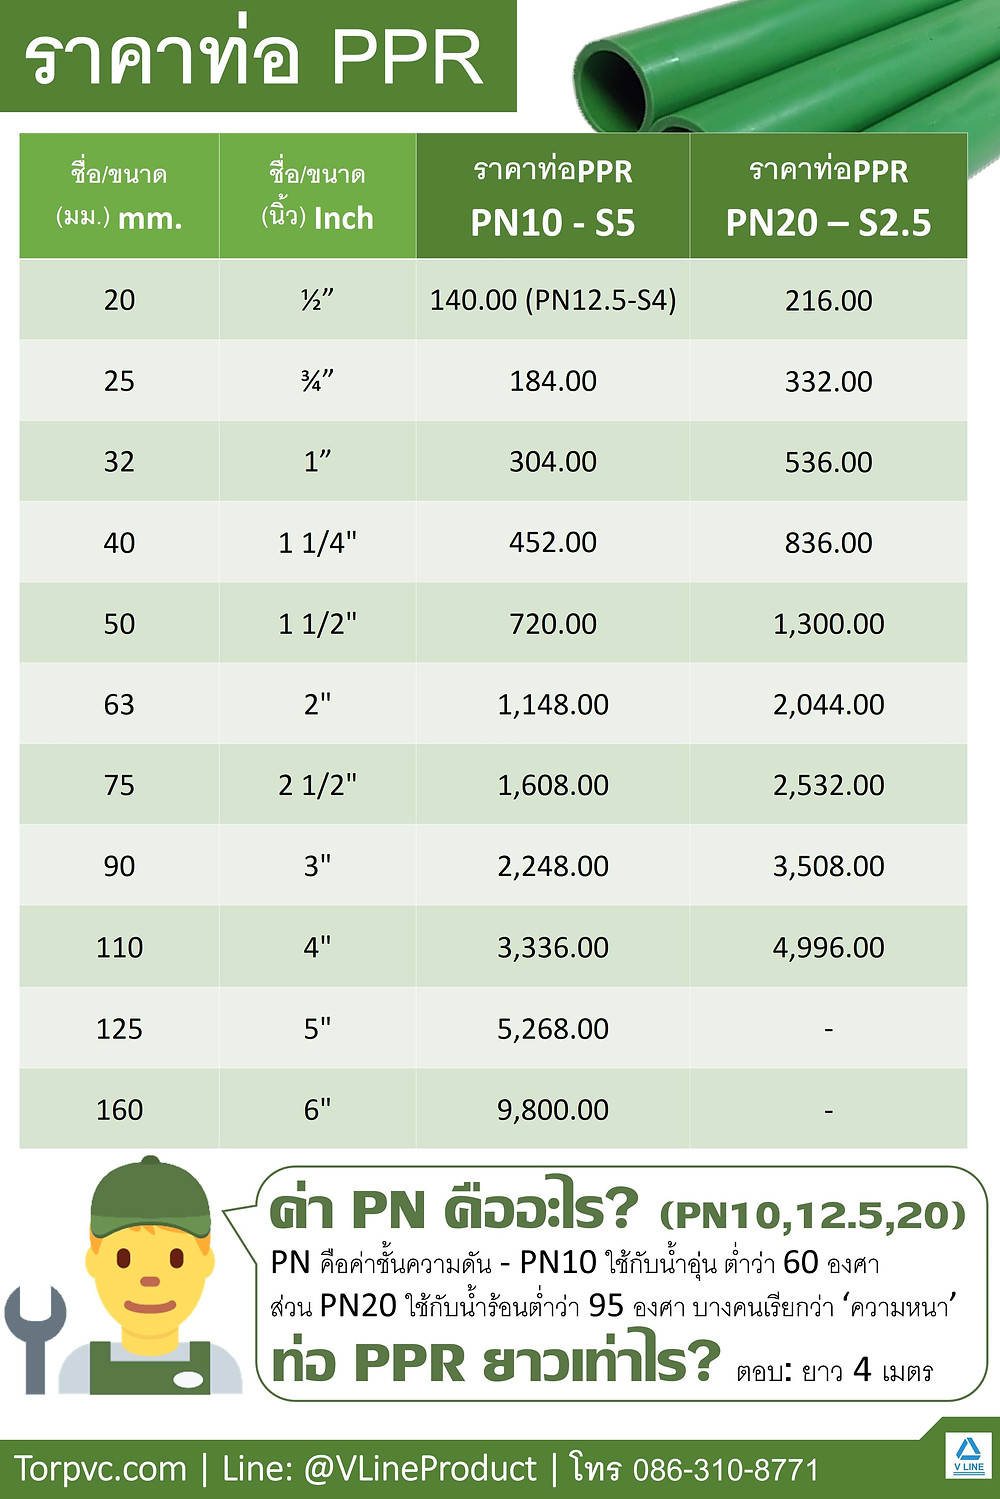 ราคาท่อประปา PPR ท่อประปาPP-R ท่อน้ำอุ่น ท่อน้ำร้อน PN10 PN20